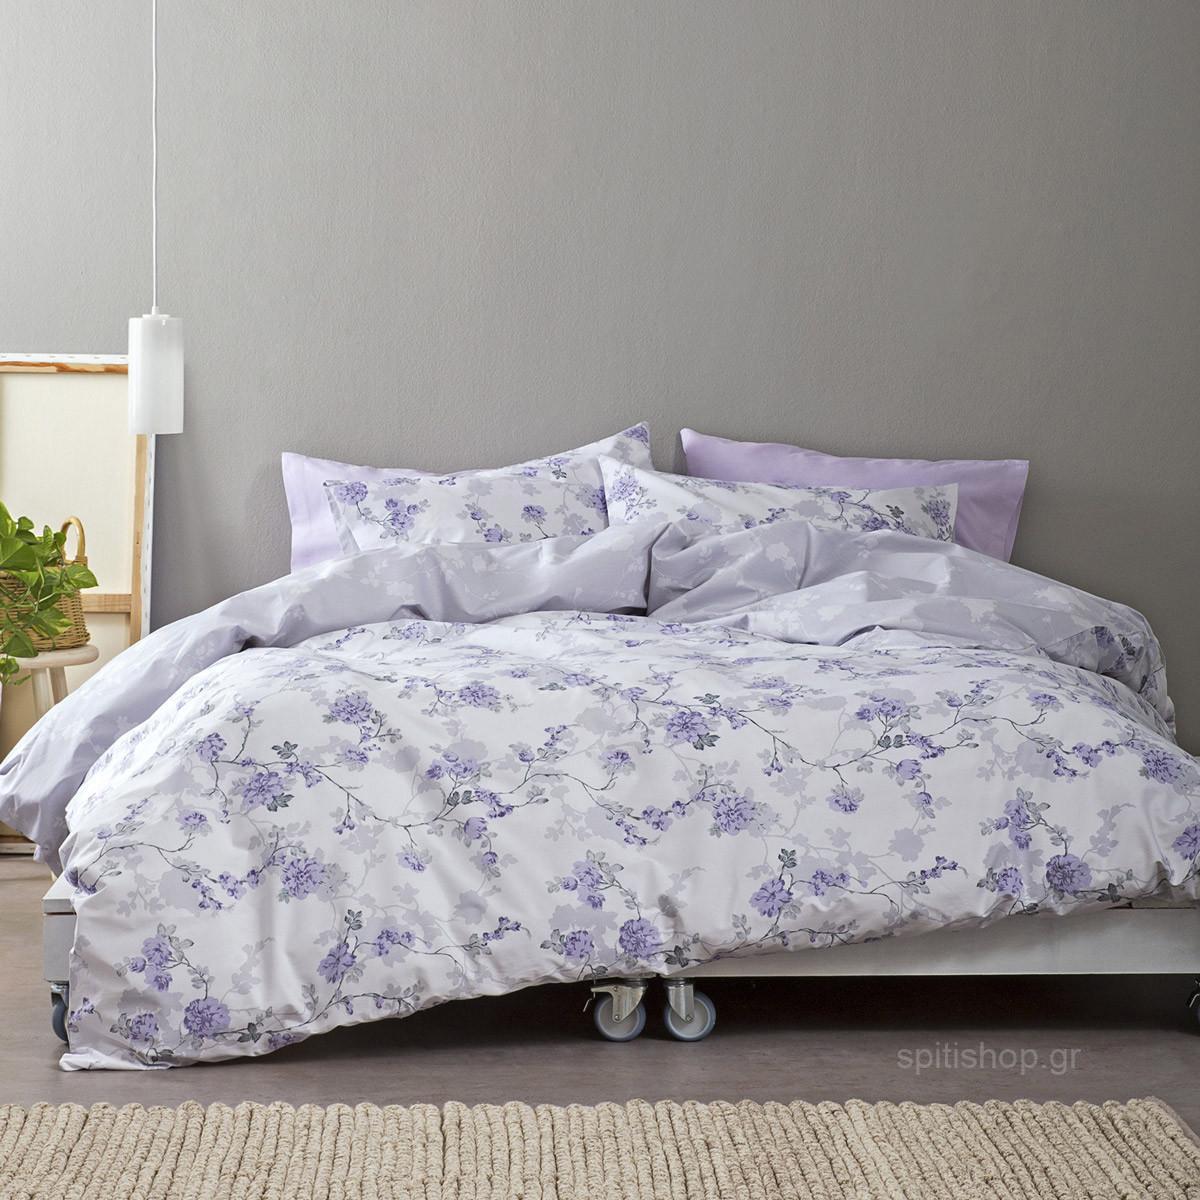 Ζεύγος Μαξιλαροθήκες Nima Bed Linen Peonia Lilac